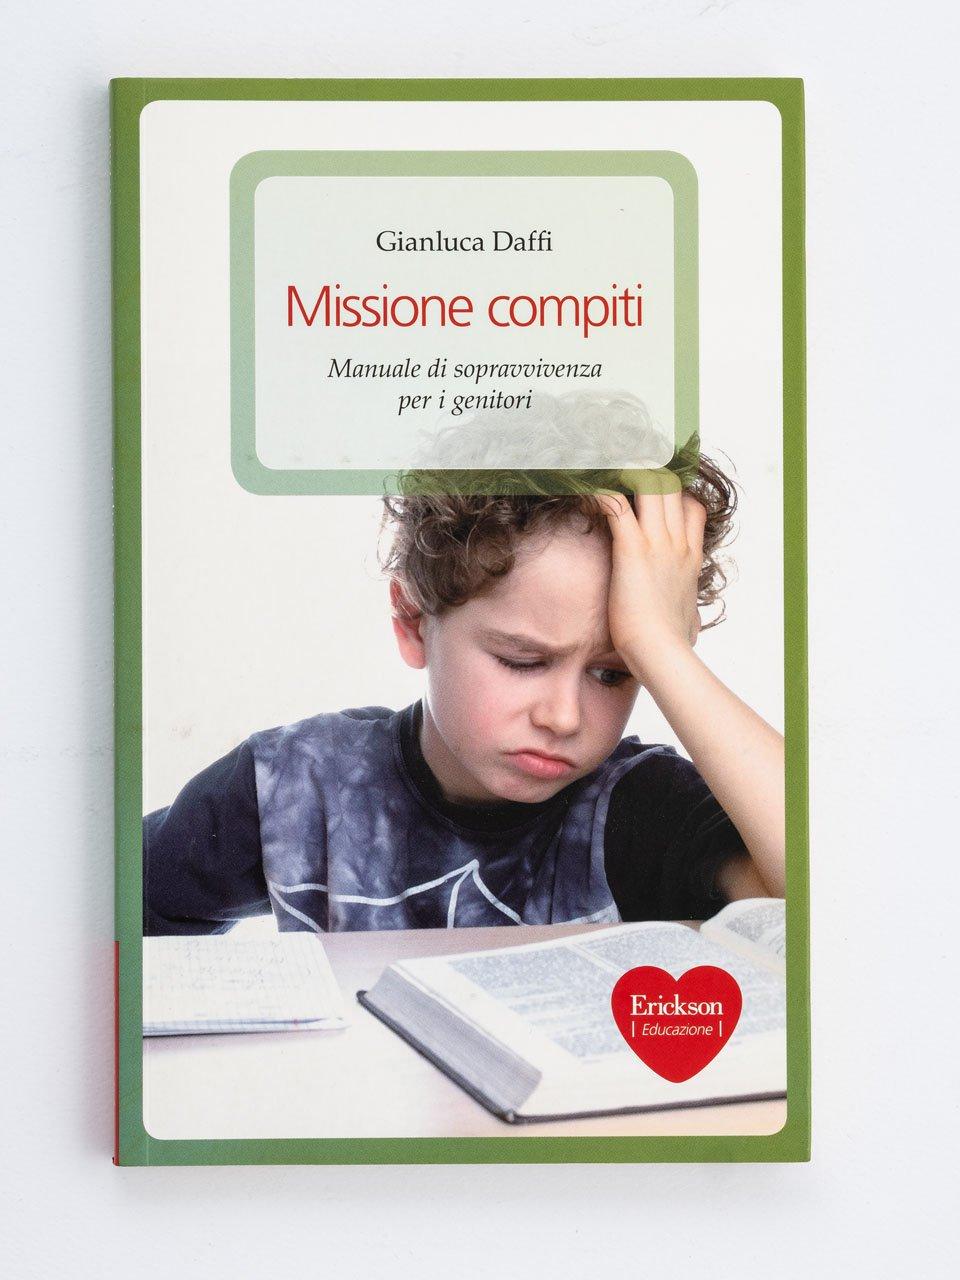 Missione compiti - Storie di straordinaria dislessia - Libri - Erickson